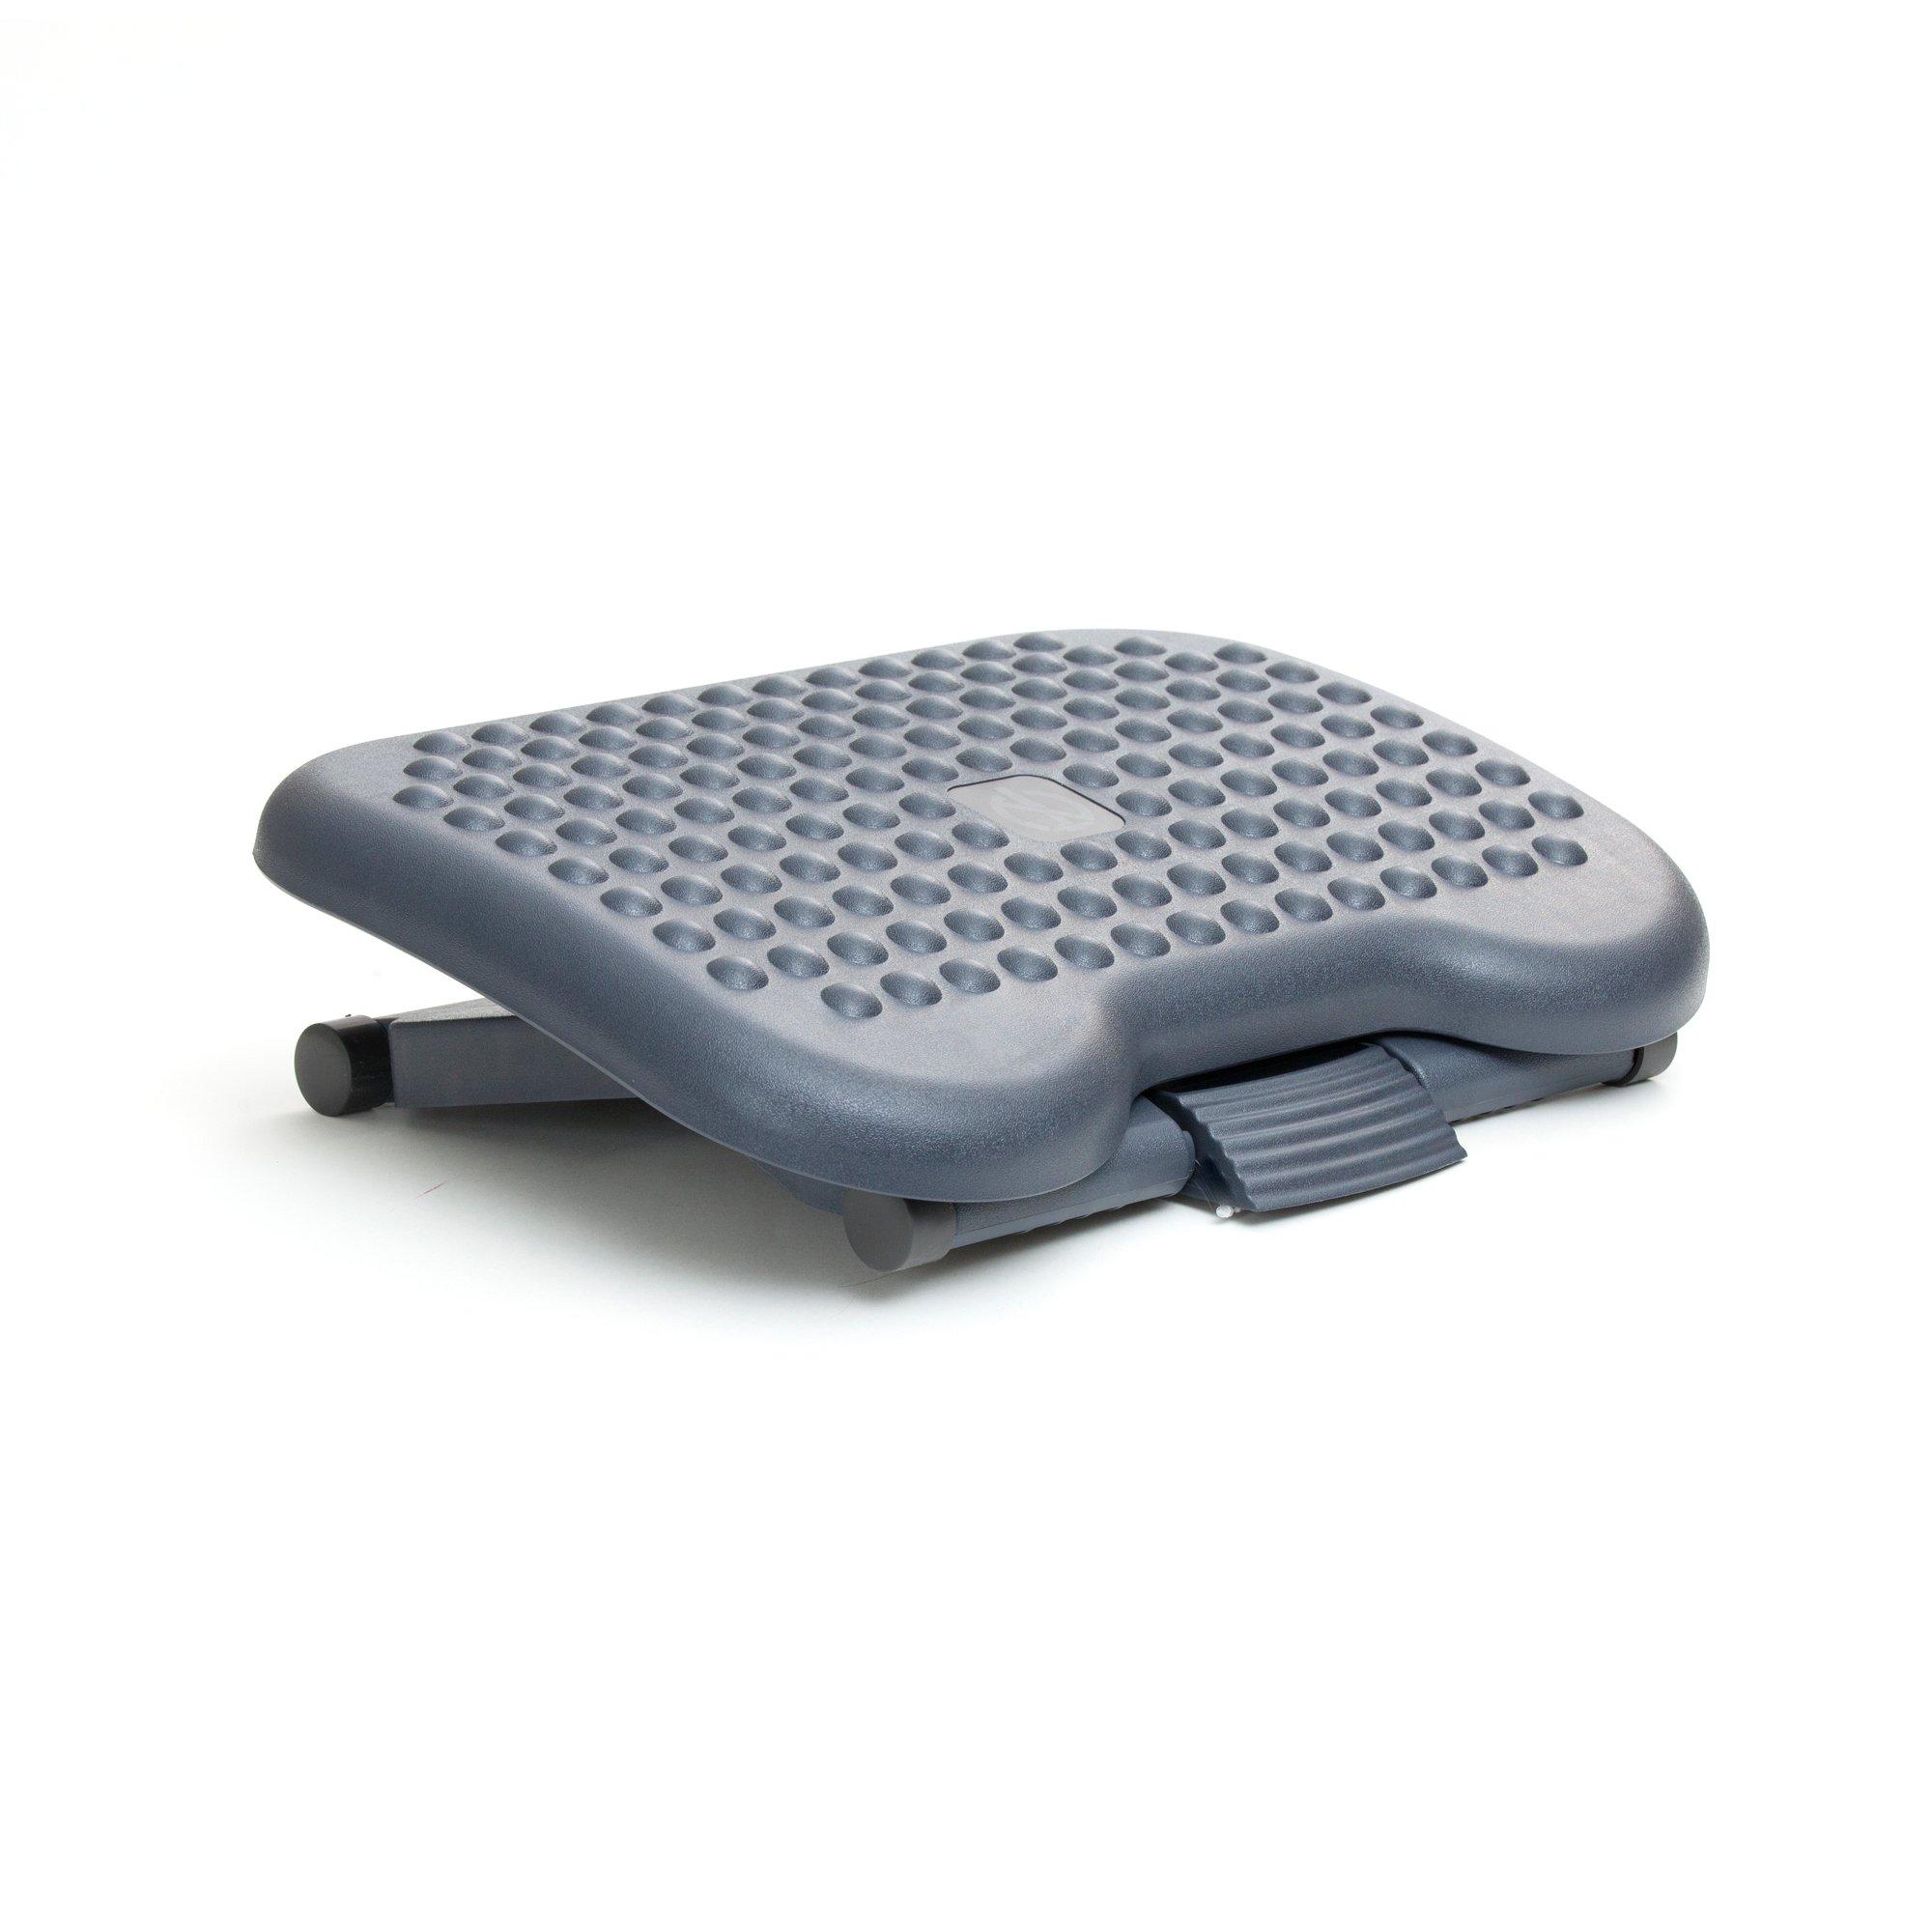 Mind Reader 2FTREST-BLK 2 Pack Adjustable Height Ergonomic Foot Rest, Black by Mind Reader (Image #6)